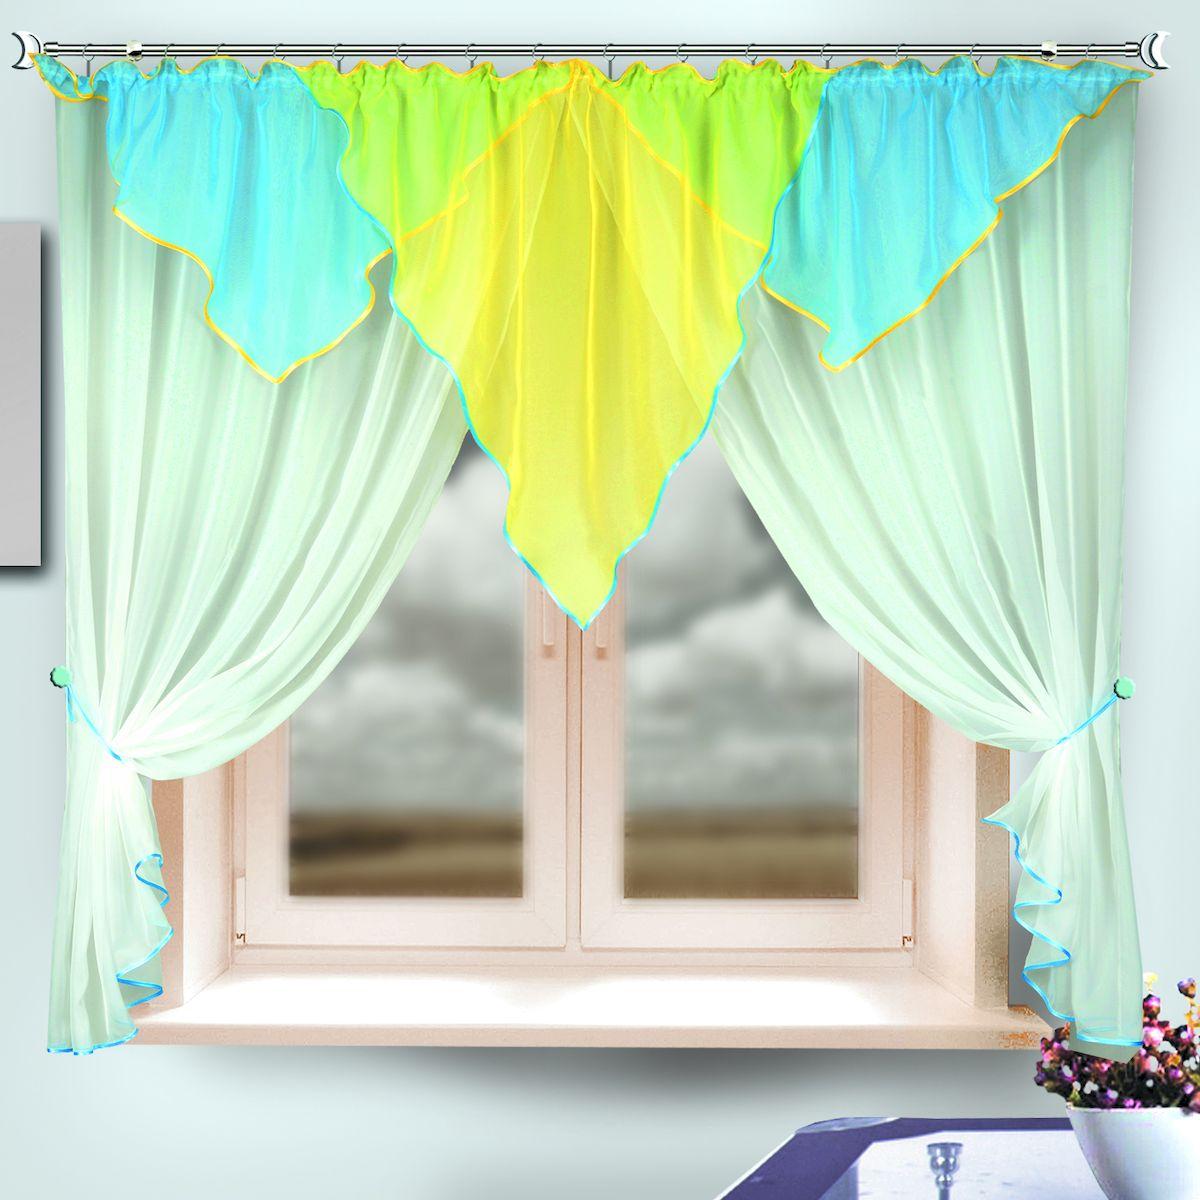 Комплект штор для кухни Zlata Korunka, на ленте, цвет: белый, голубой, желтый, высота 170 см. 333315333315Комплект штор для кухни Zlata Korunka, выполненный из полиэстера, великолепно украсит любое окно. Комплект состоит из ламбрекена, двух штор и двух подхватов. Оригинальный крой и яркая цветовая гамма привлекут к себе внимание и органично впишутся в интерьер помещения. Этот комплект будет долгое время радовать вас и вашу семью! Комплект крепится на карниз при помощи ленты, которая поможет красиво и равномерно задрапировать верх. В комплект входит: Ламбрекен: 1 шт. Размер (Ш х В): 290 х 100 см. Штора: 2 шт. Размер (Ш х В): 140 х 170 см. Подхват: 2 шт.